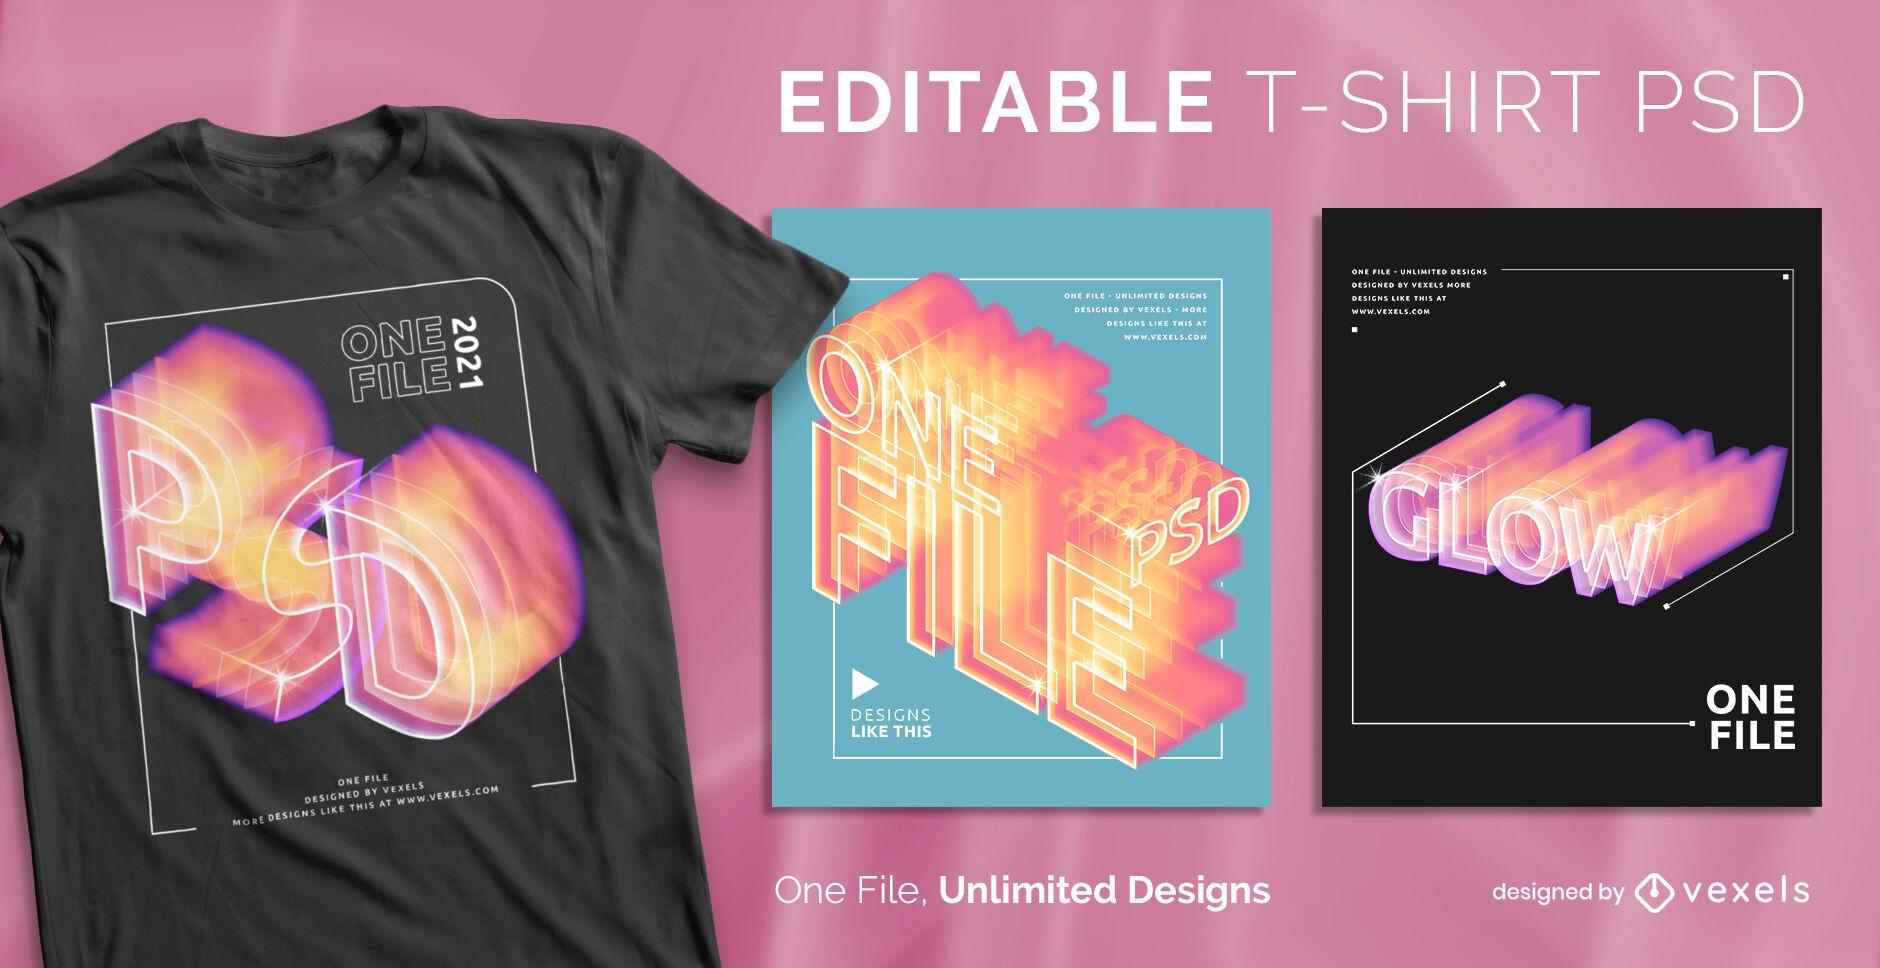 Skalierbares PSD-T-Shirt mit Textglühen und Farbverlaufseffekten